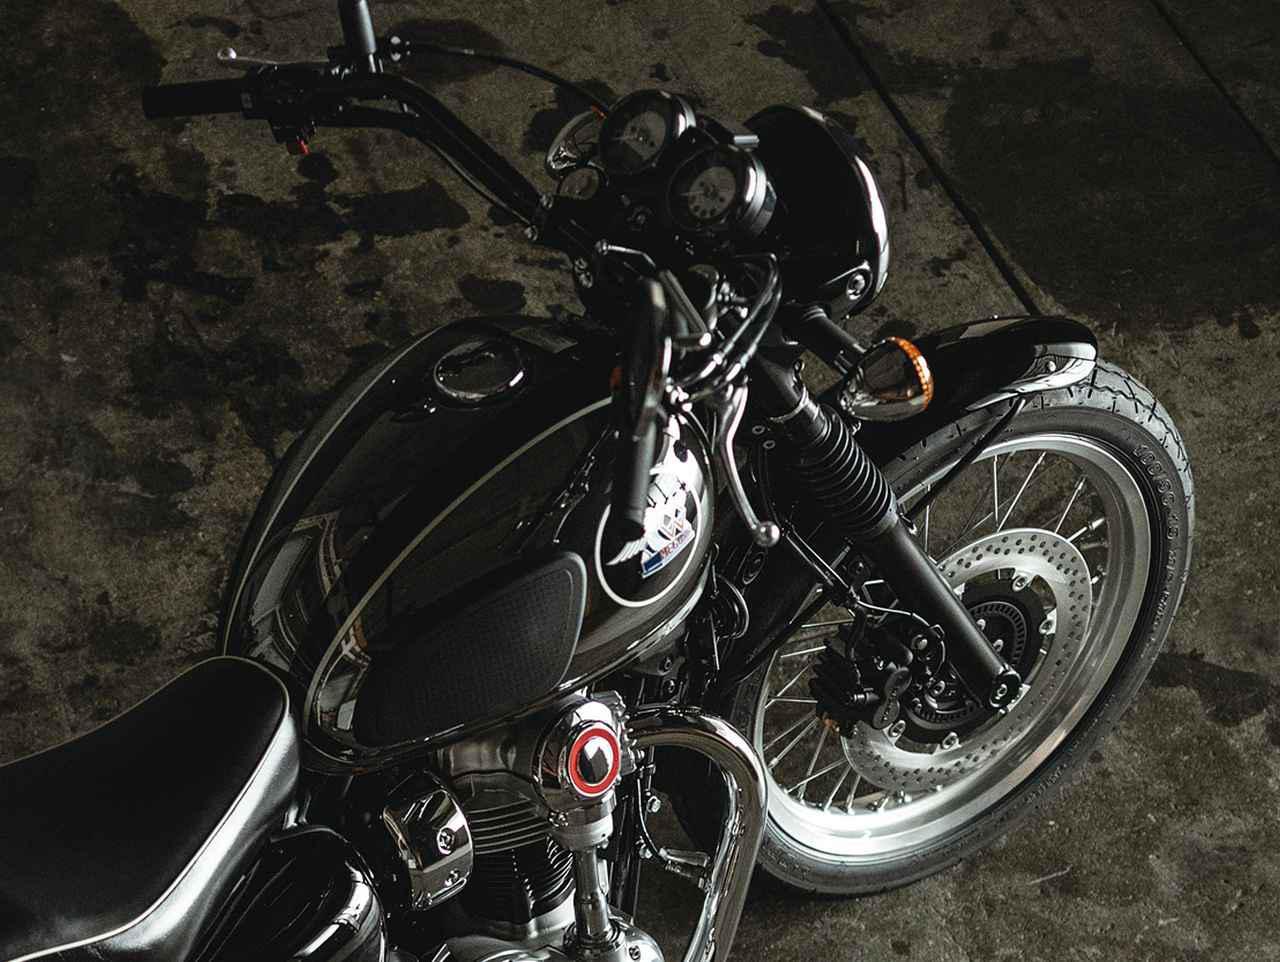 画像: カワサキ「メグロ K3」の写真と情報 - webオートバイ